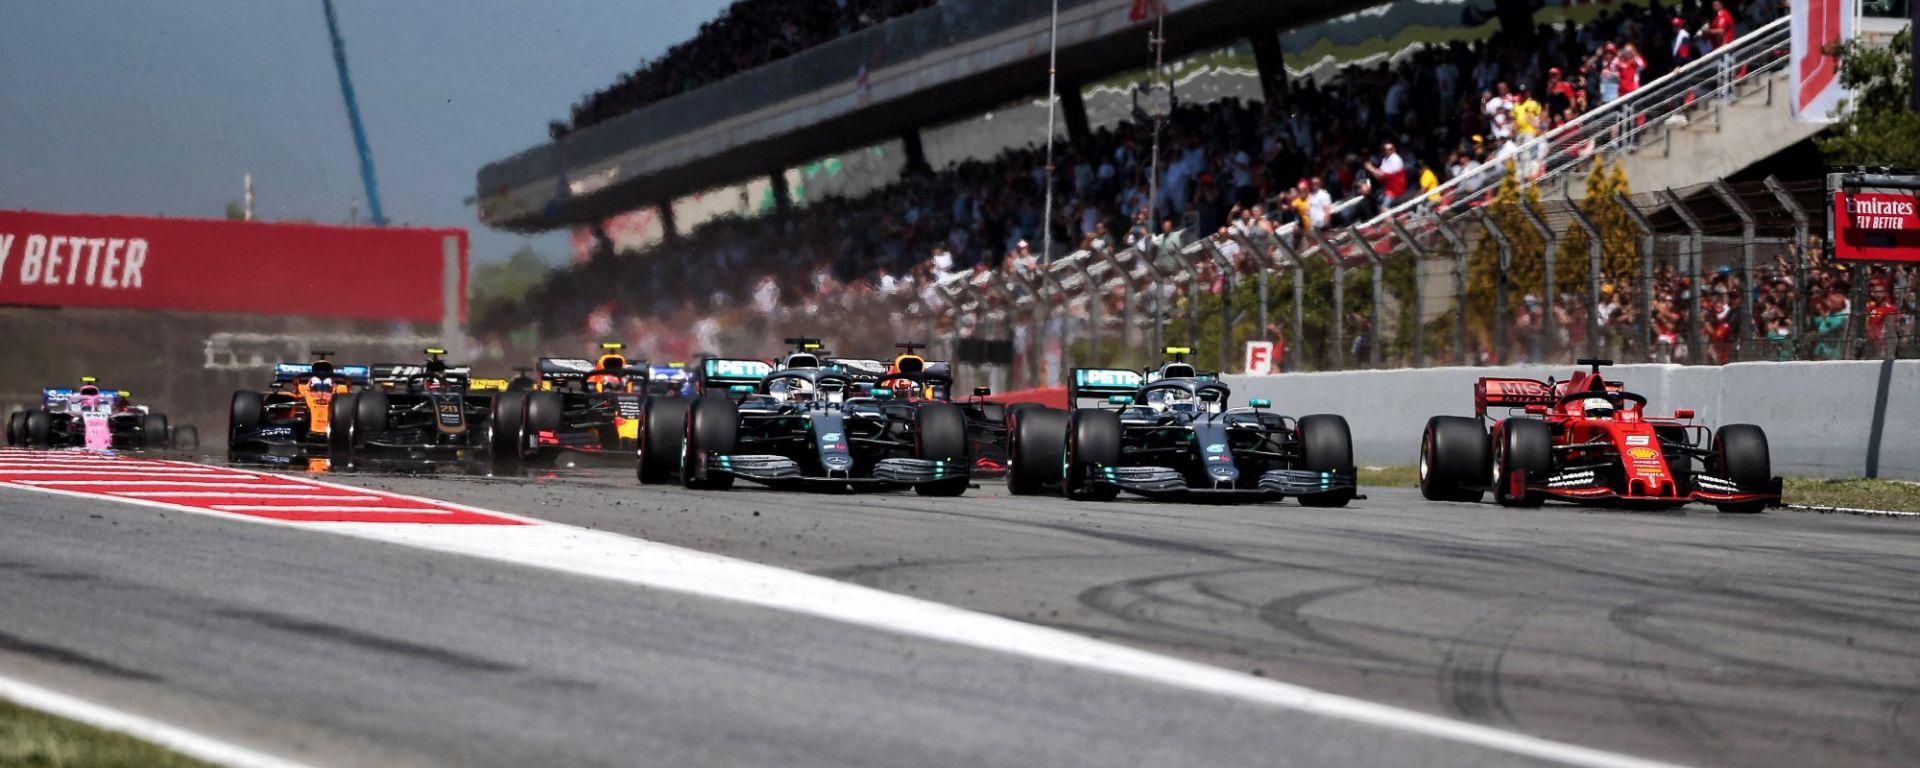 GP Spagna, Barcellona - La partenza della gara 2019